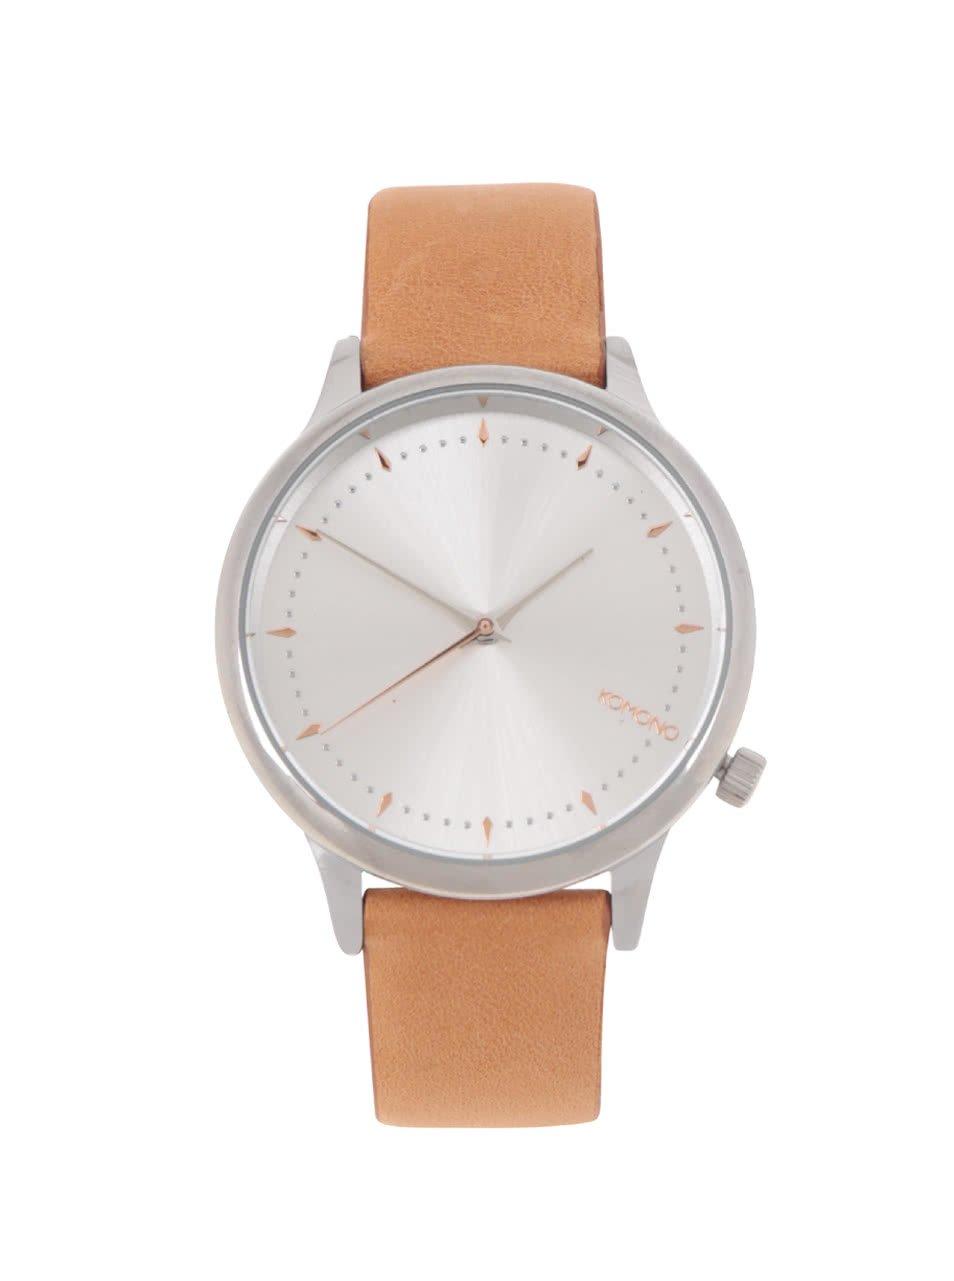 Dámské hodinky ve stříbrné barvě s koženým páskem Komono Estelle